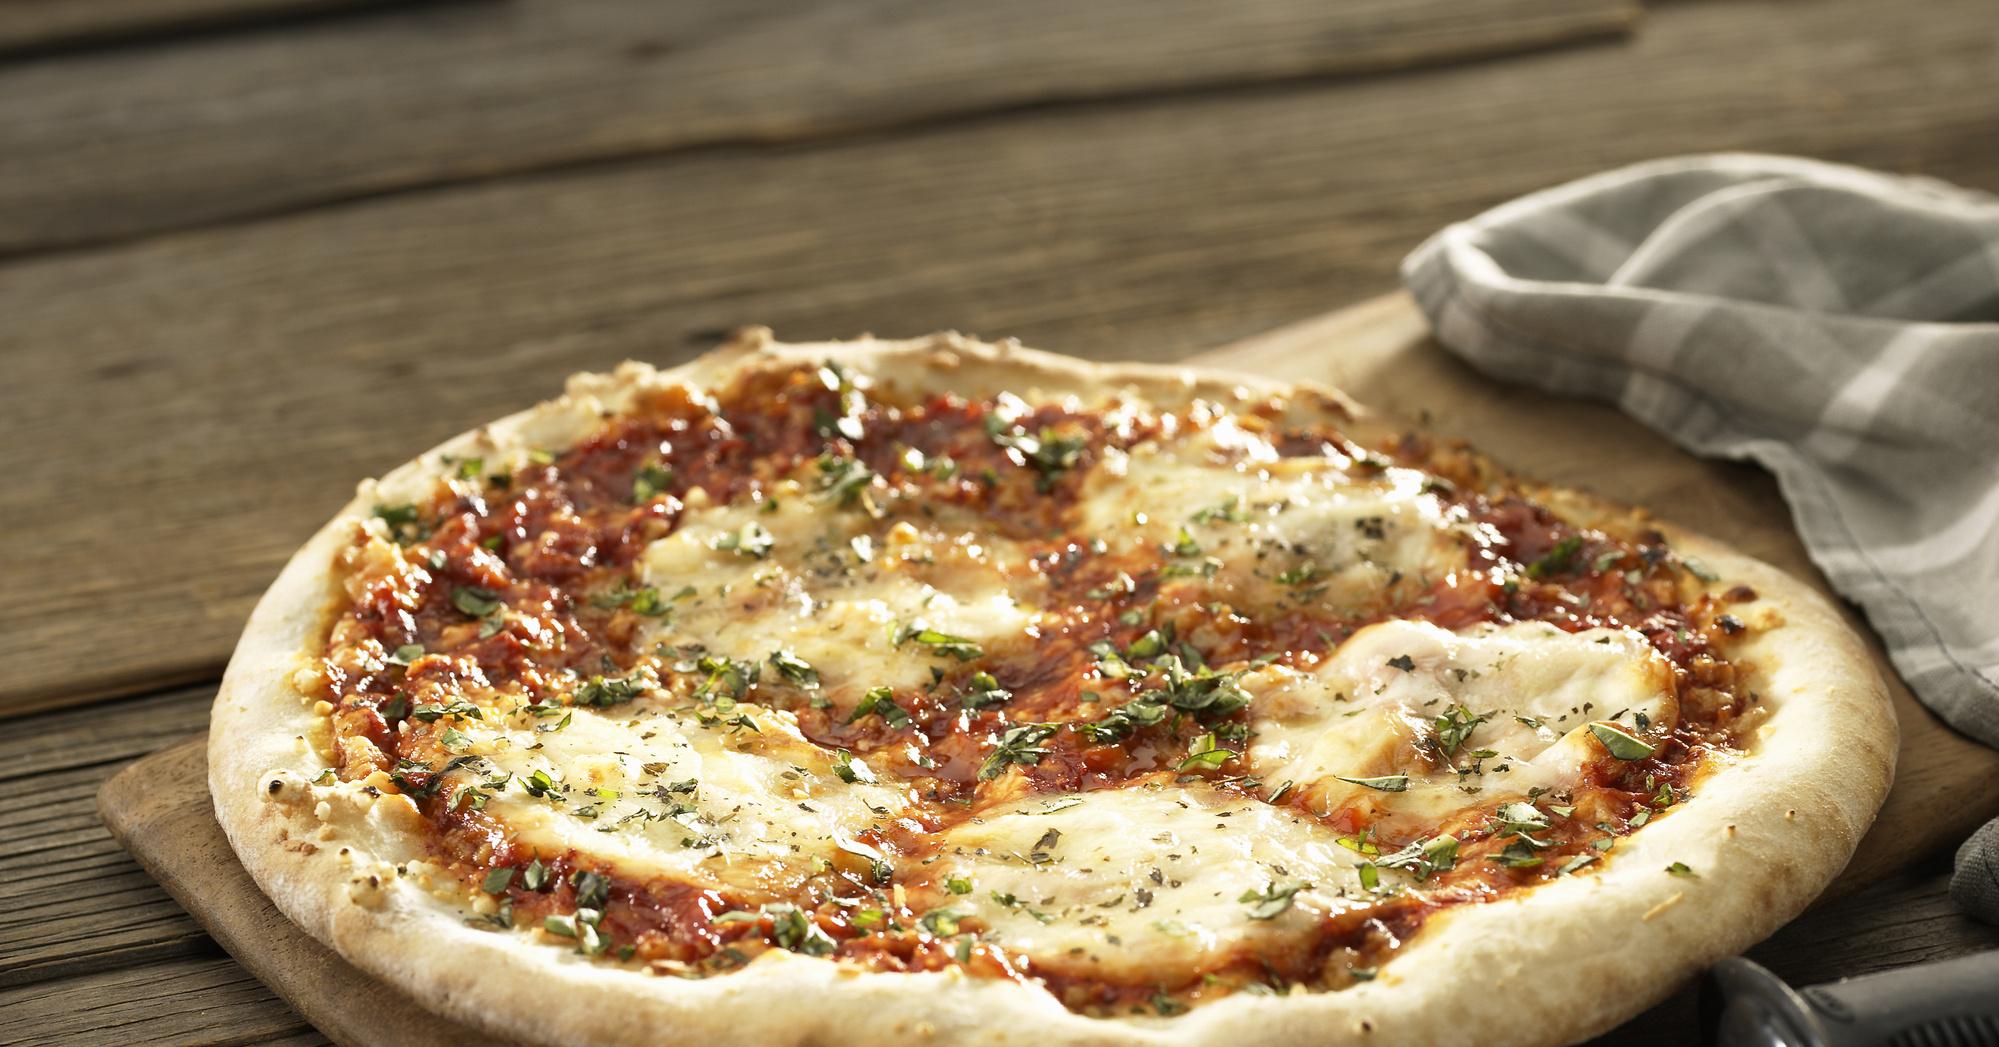 пицца в духовке с курицей и грибами рецепт с фото в духовке #8